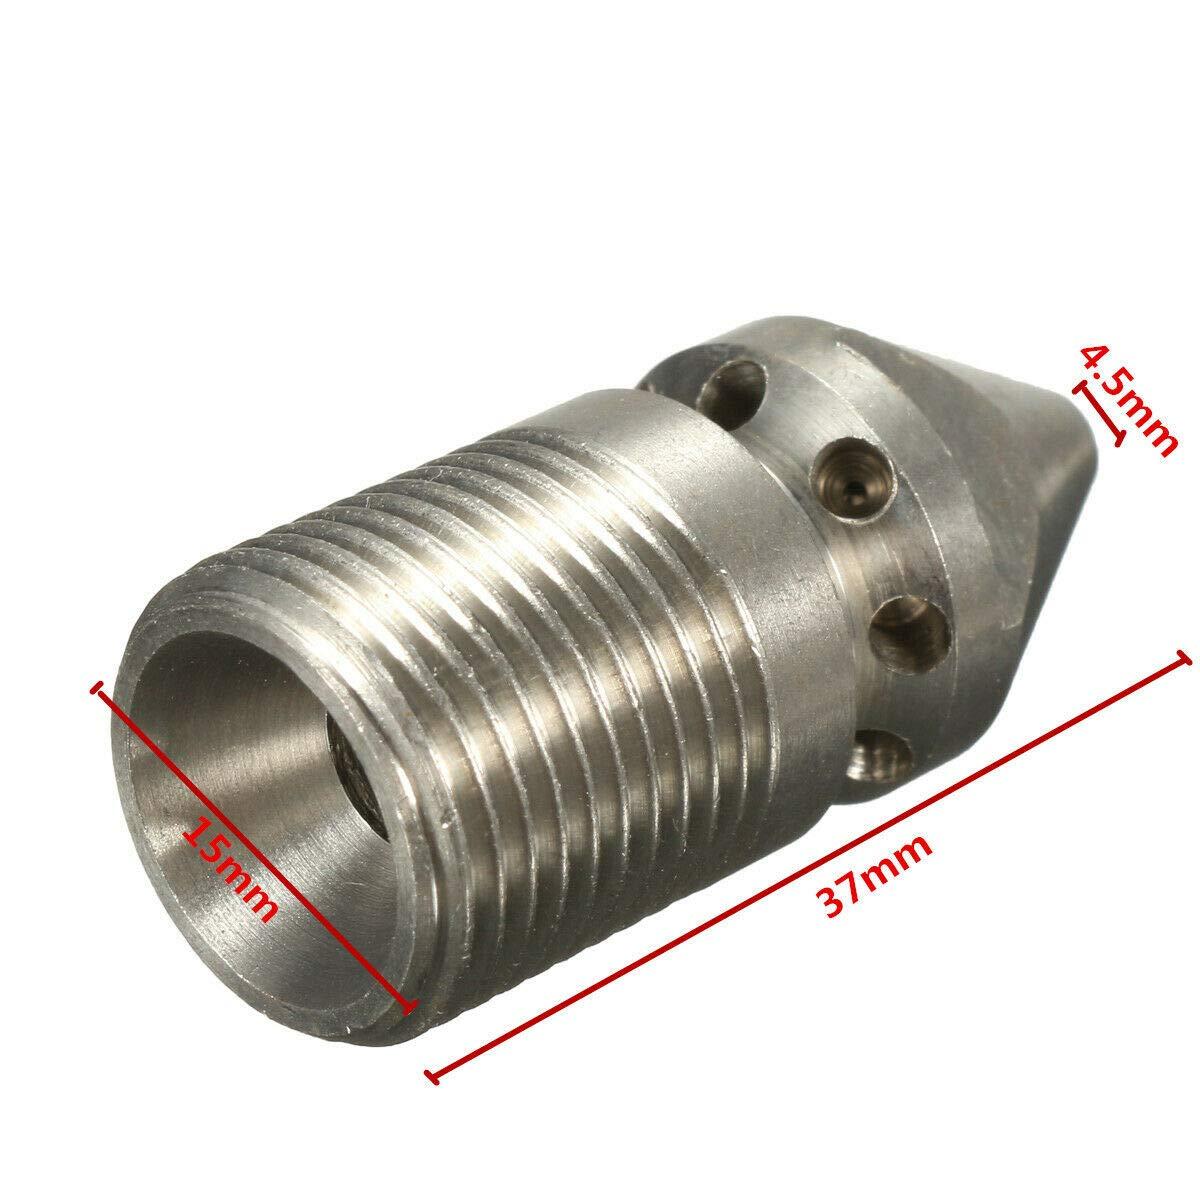 SS304 boquilla de limpieza de tuber/ía de alcantarillado de presi/ón boquilla de desag/üe para lavadora a presi/ón plateado TOOLSTAR Boquilla de limpieza